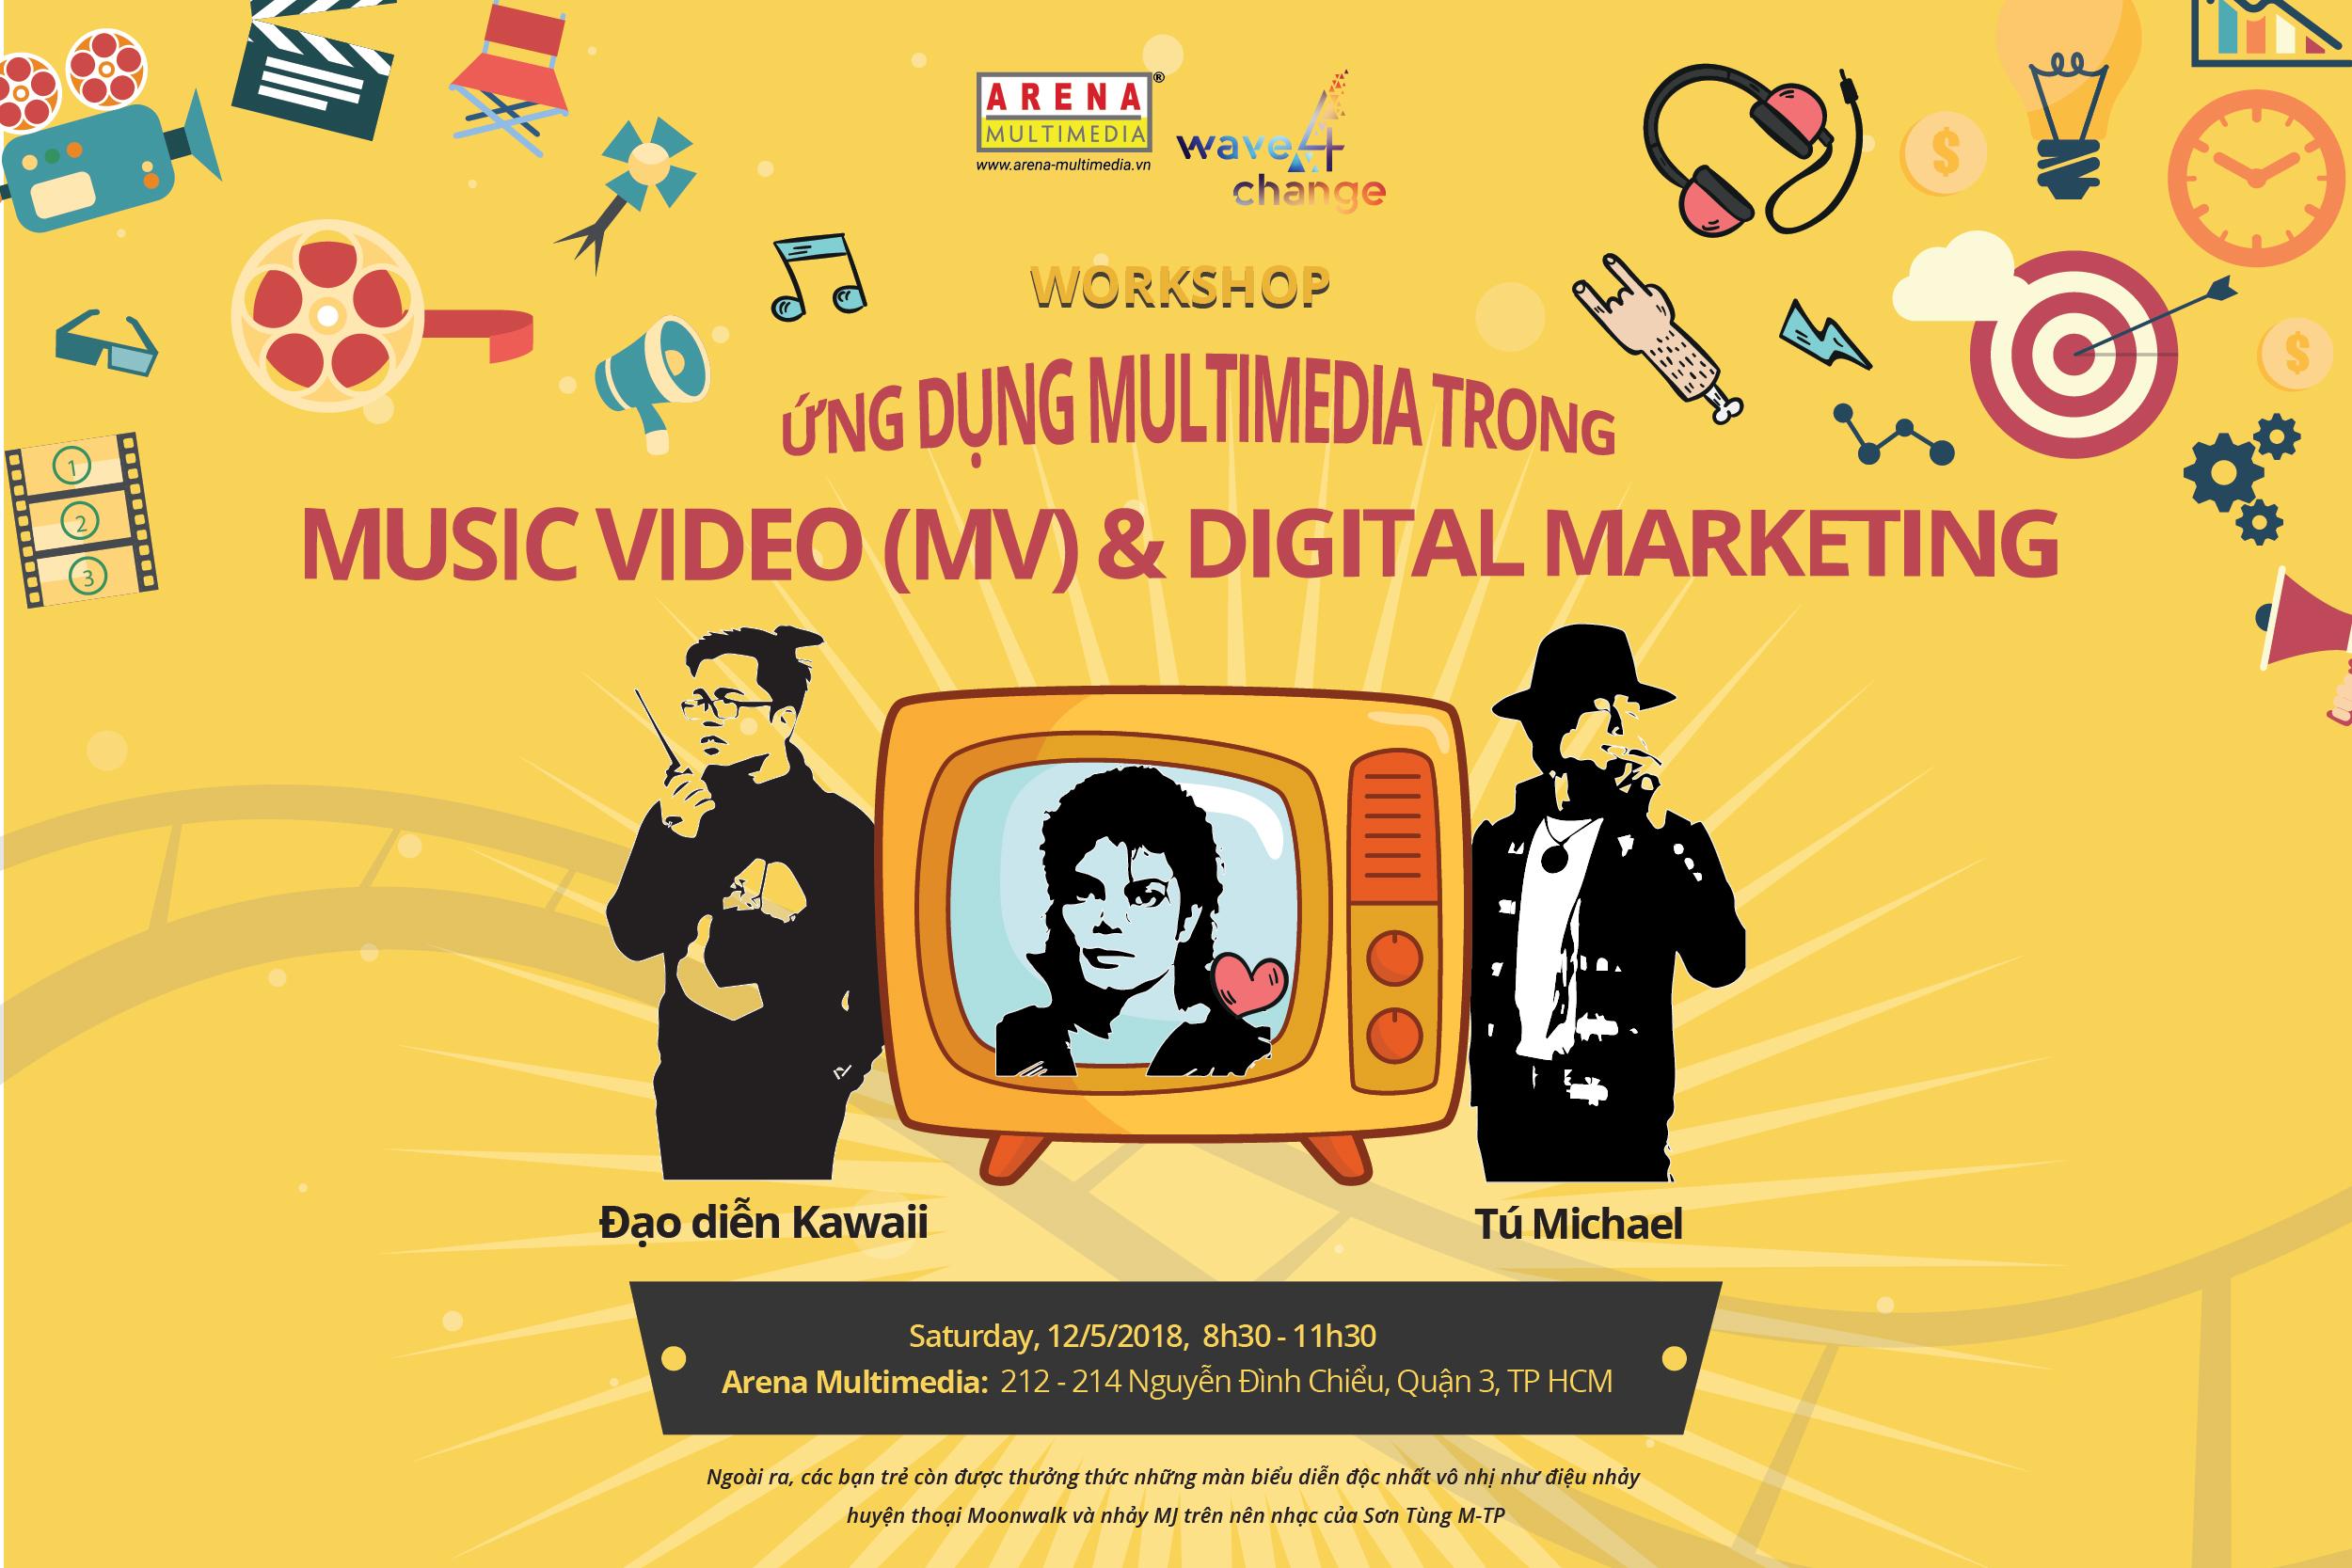 arena-multimedia-MV-digitalmarketing-1